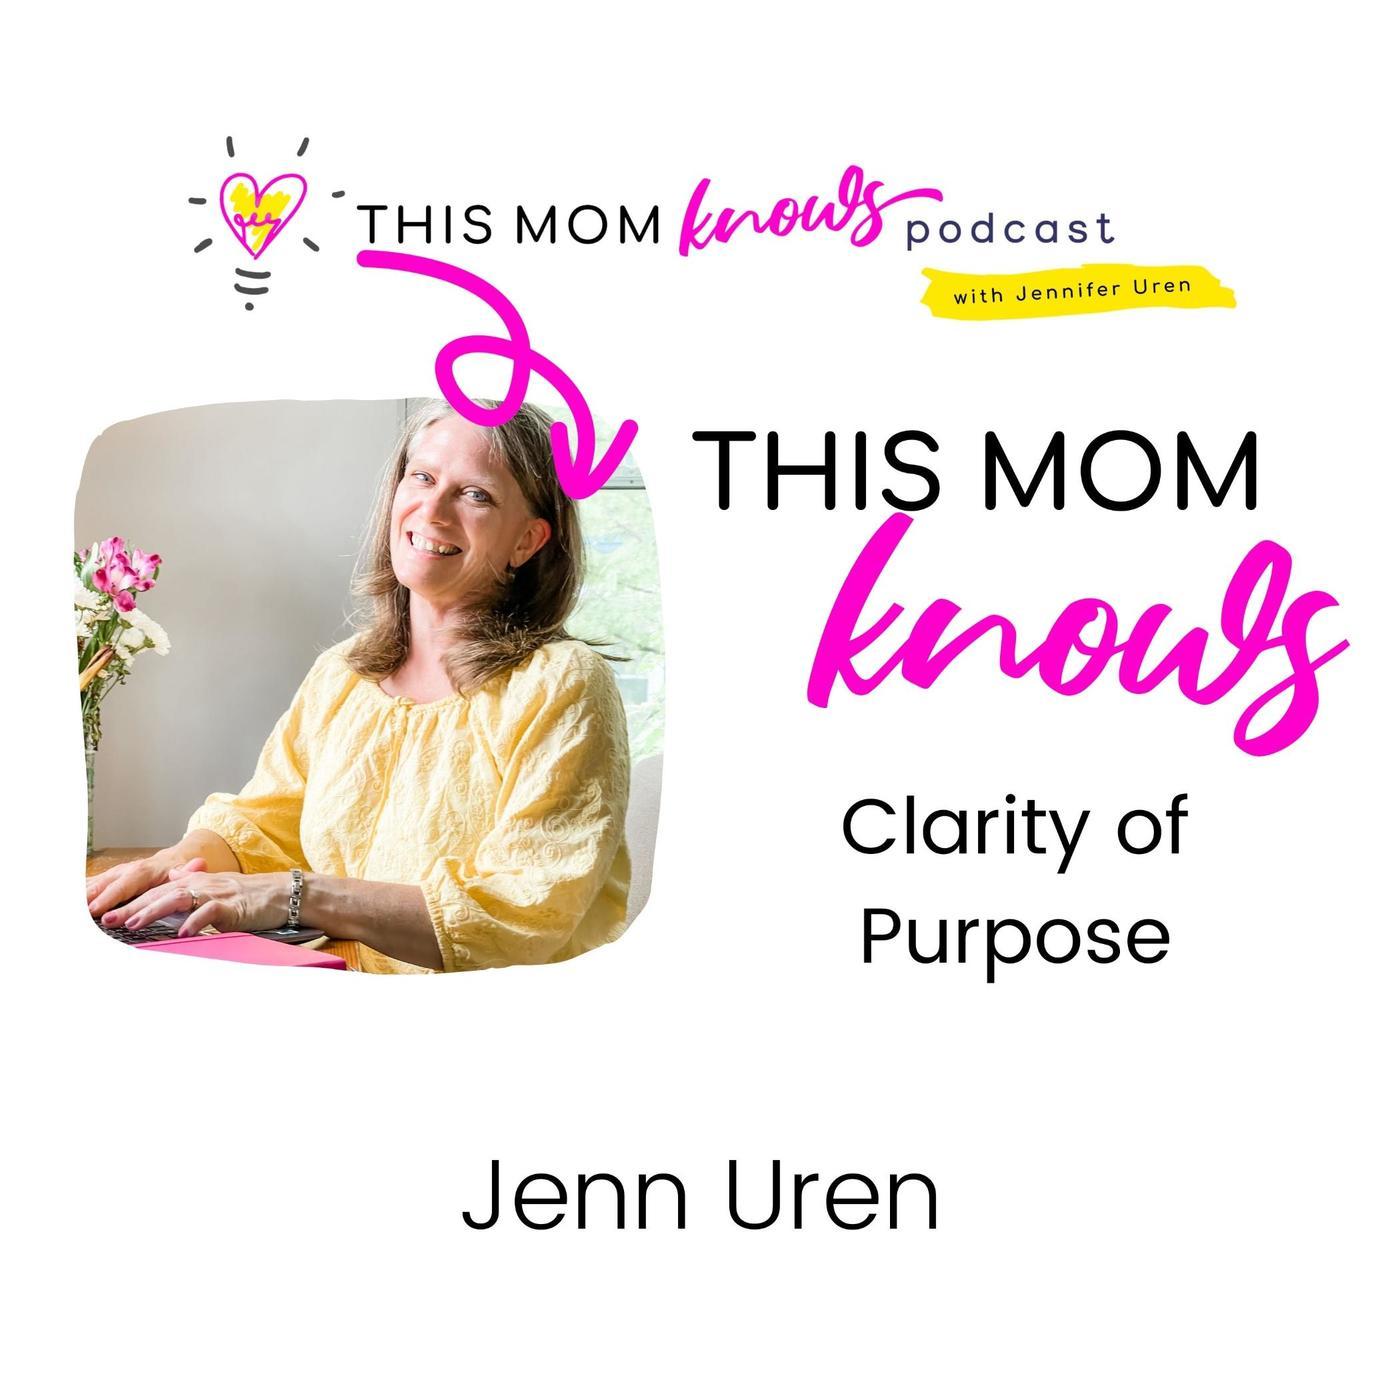 Jenn Uren on Clarity of Purpose